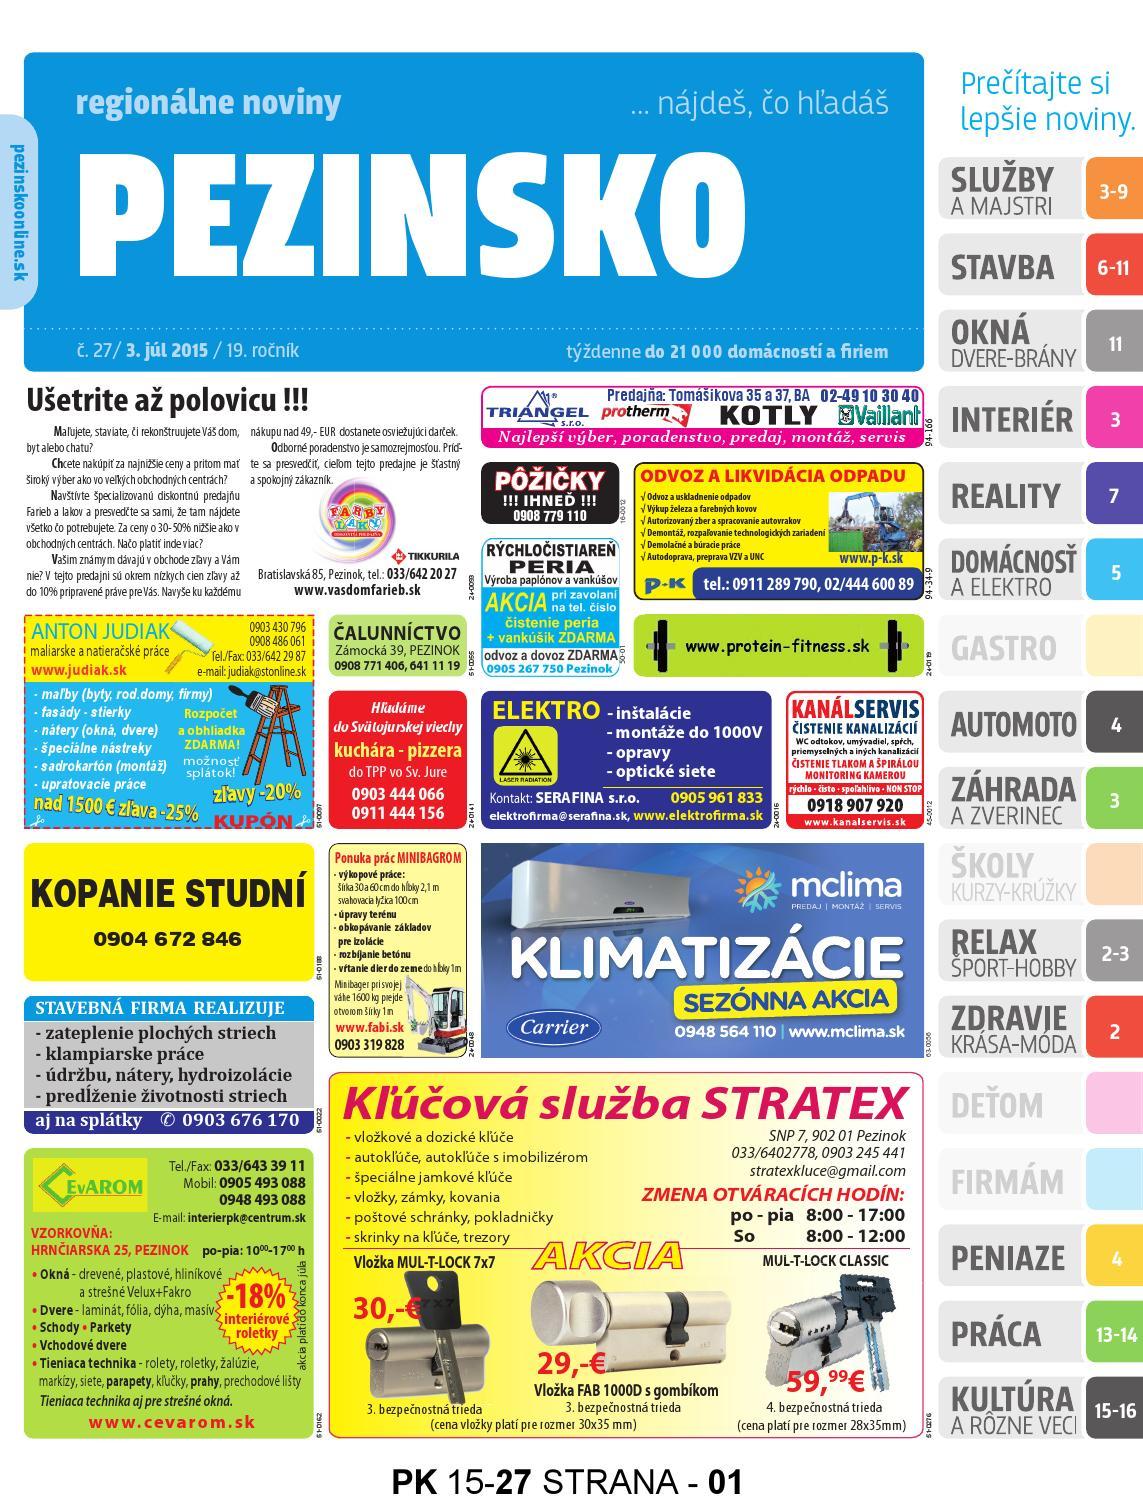 da3736b1b0 PEZINSKO 15-27 by pezinsko - issuu